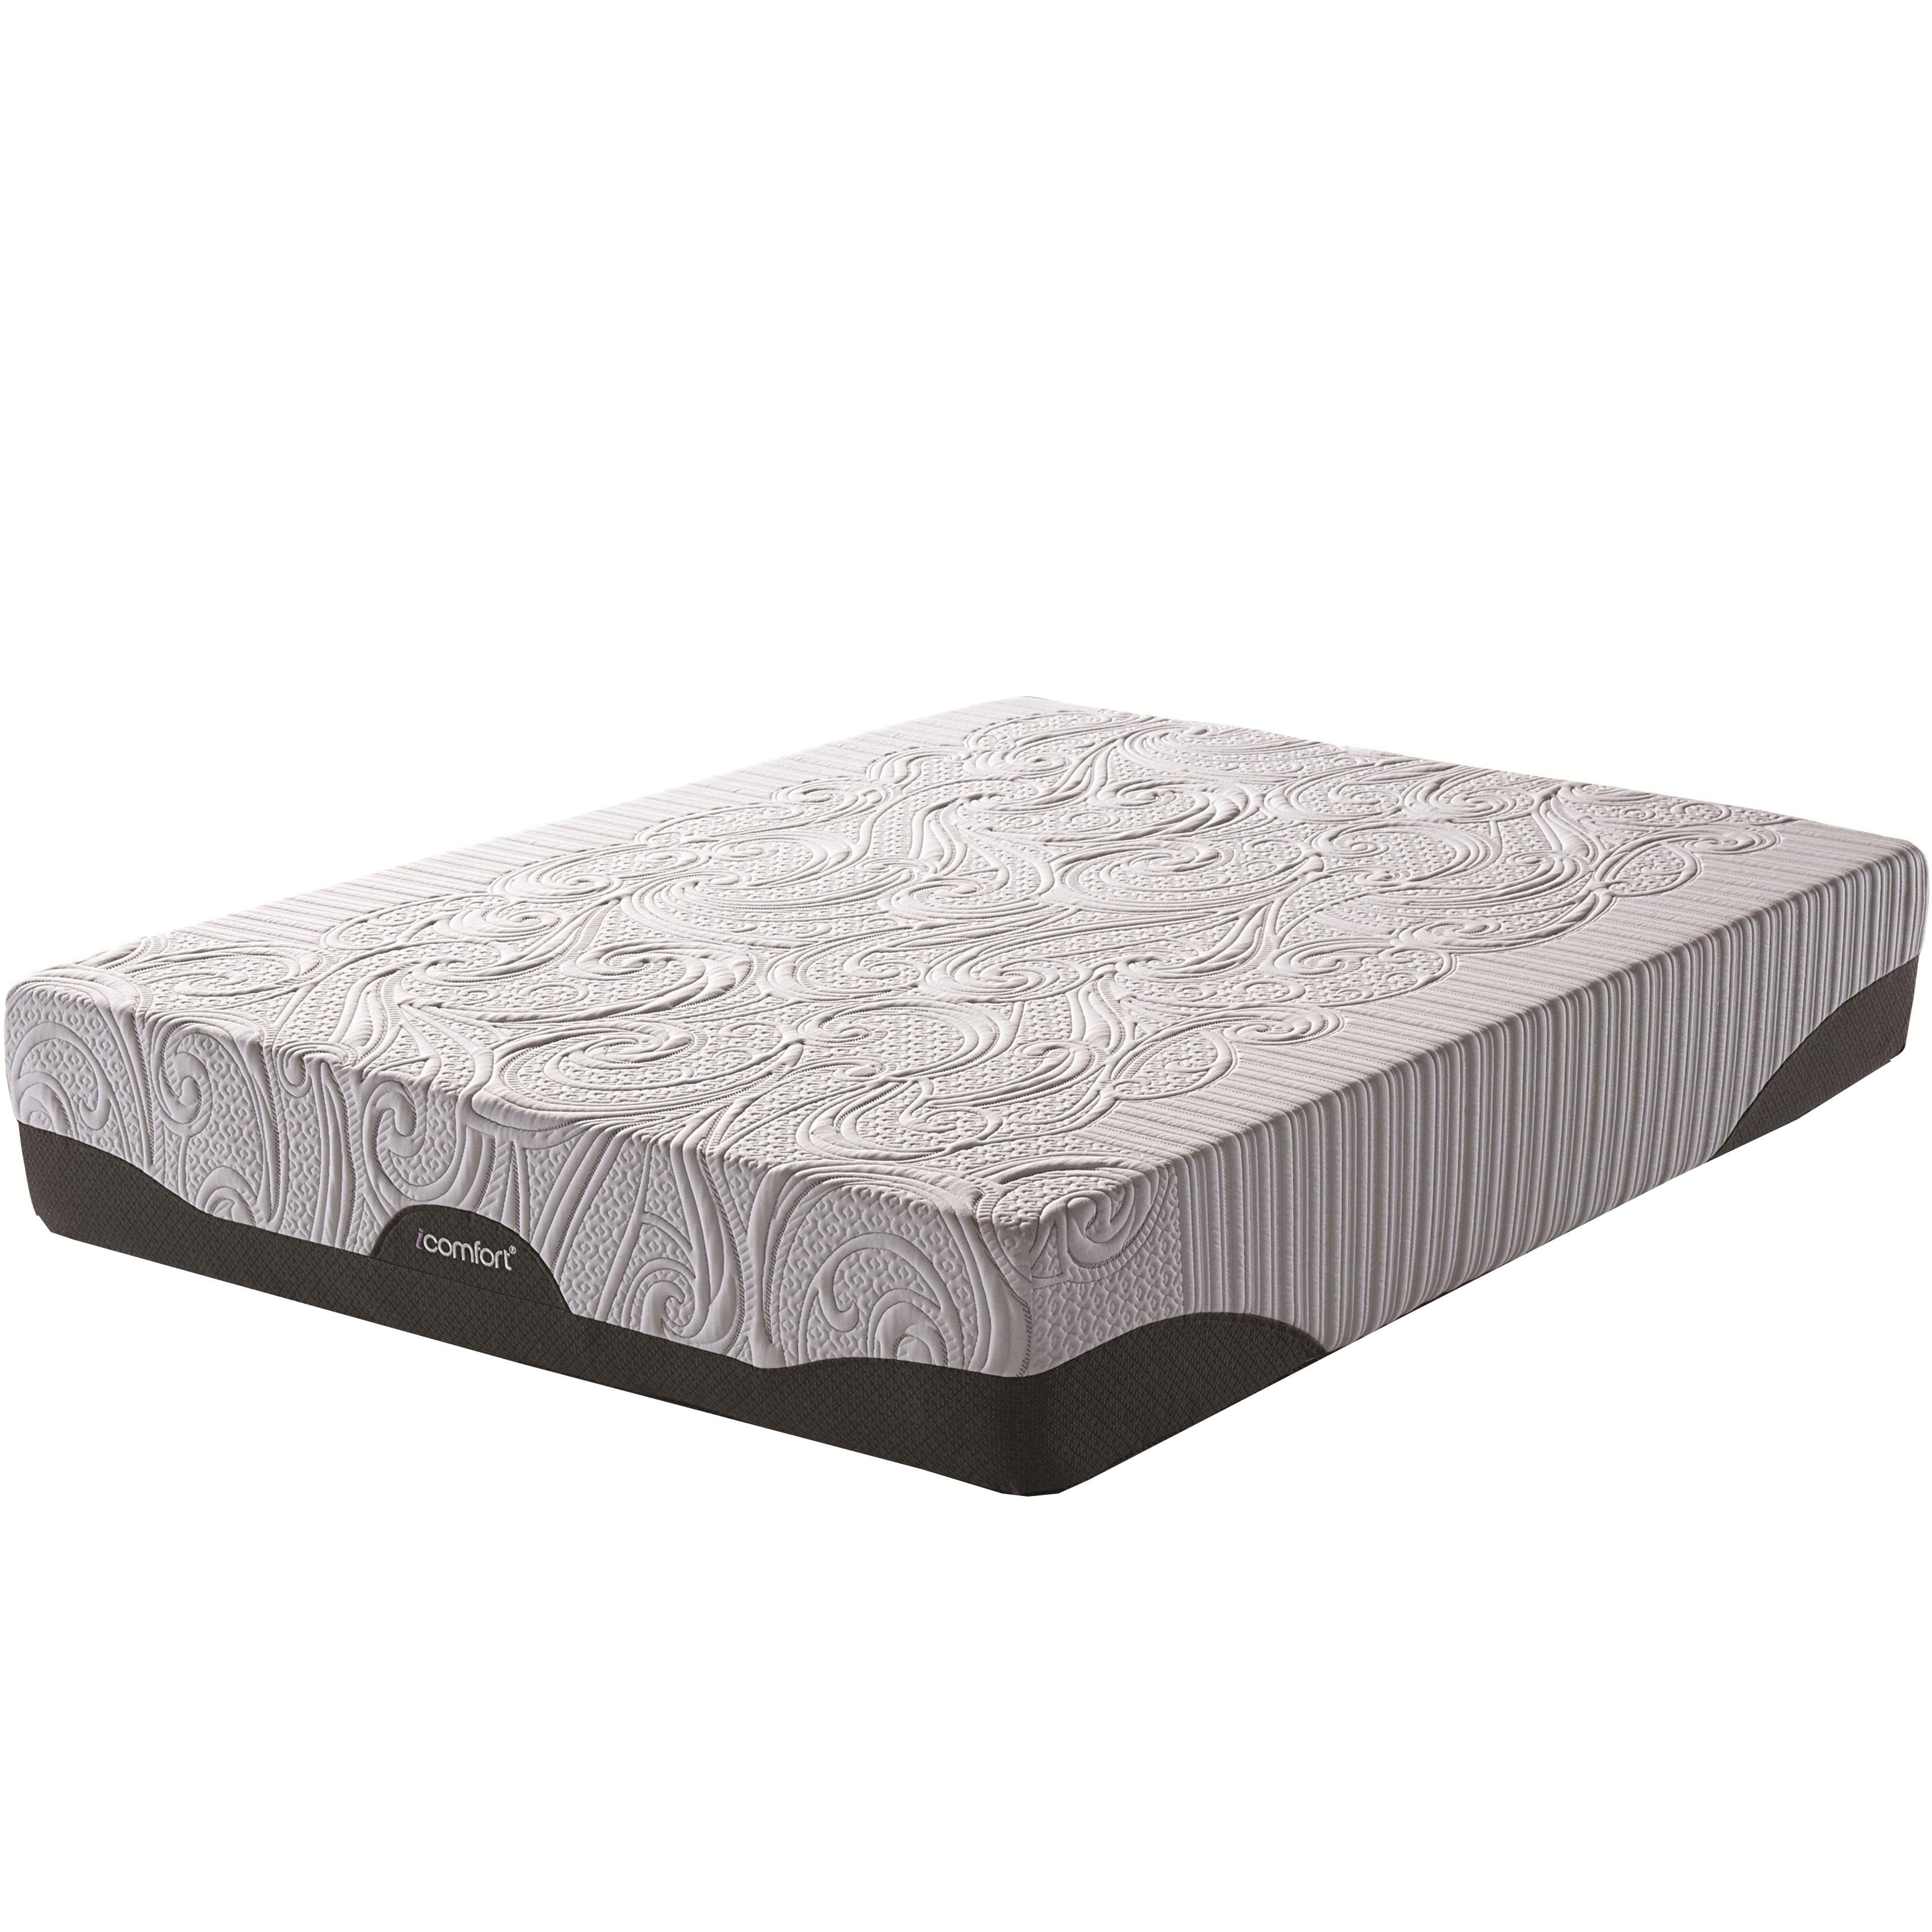 Serta iComfort® Savant EverFeel™ Plush Twin XL Mattress - Item Number: 823628TXL